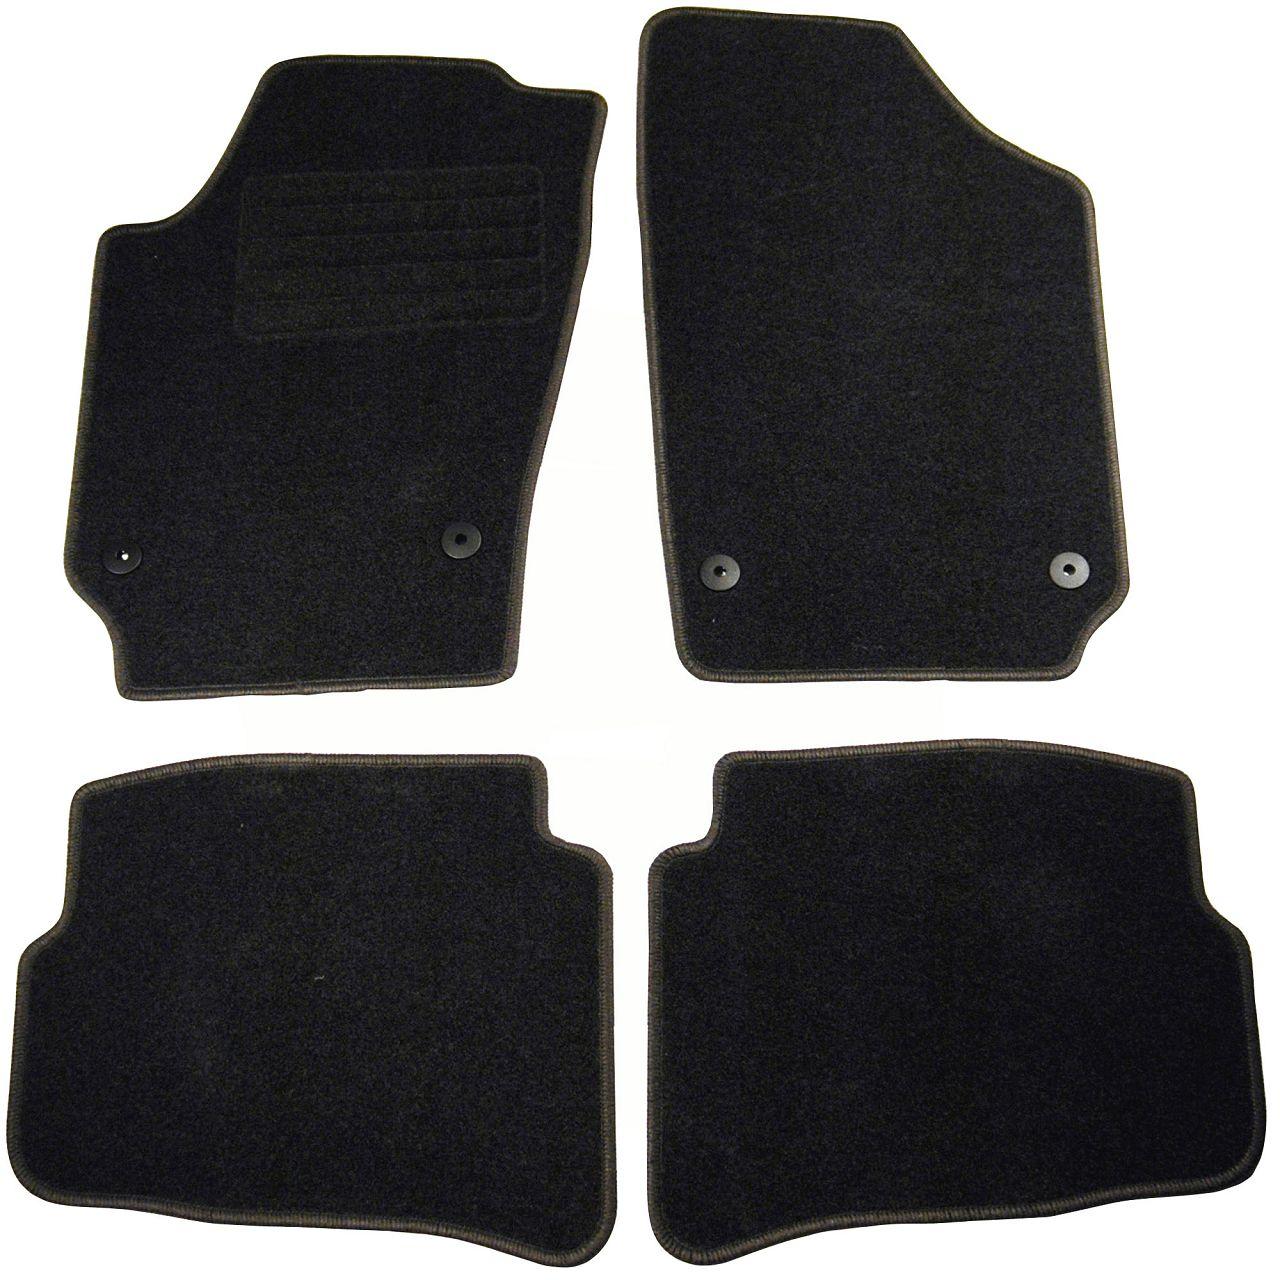 Veloursmatten Textilmatten Fußmatten für VW Polo (9N) bis 06.2003 4-tlg